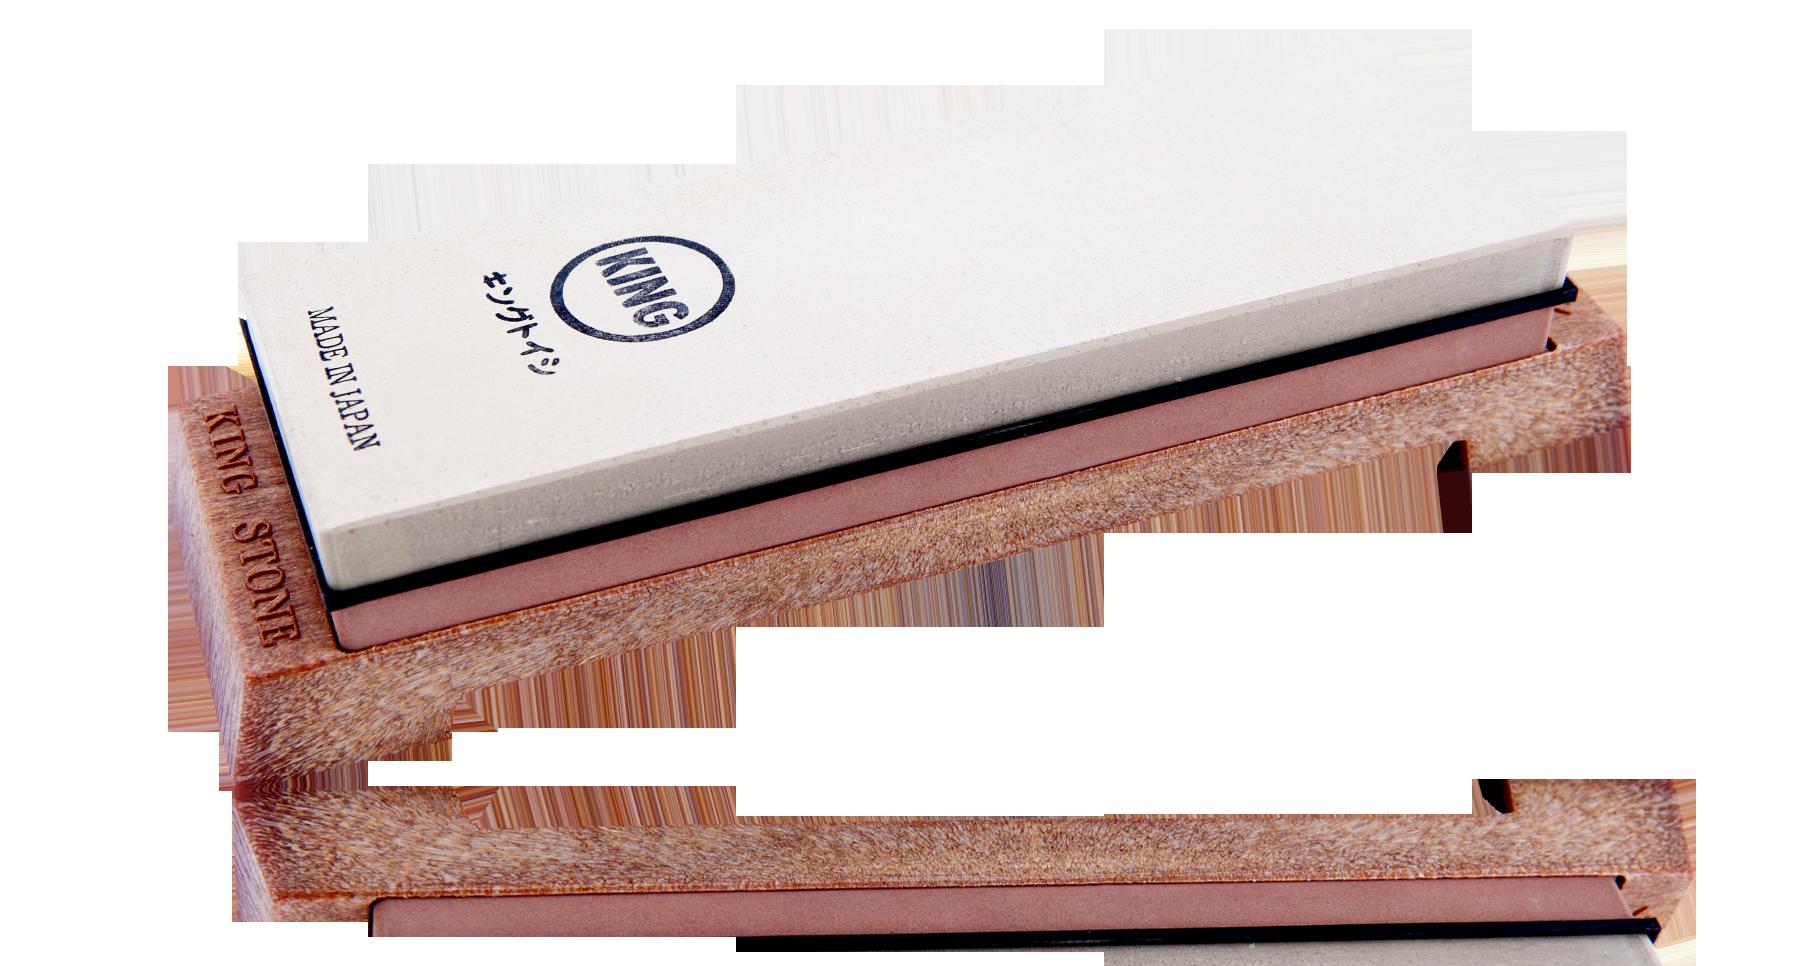 Камень точильный водный комбинированный 185*63*25мм средний/финишный с подставкой #1000/#6000